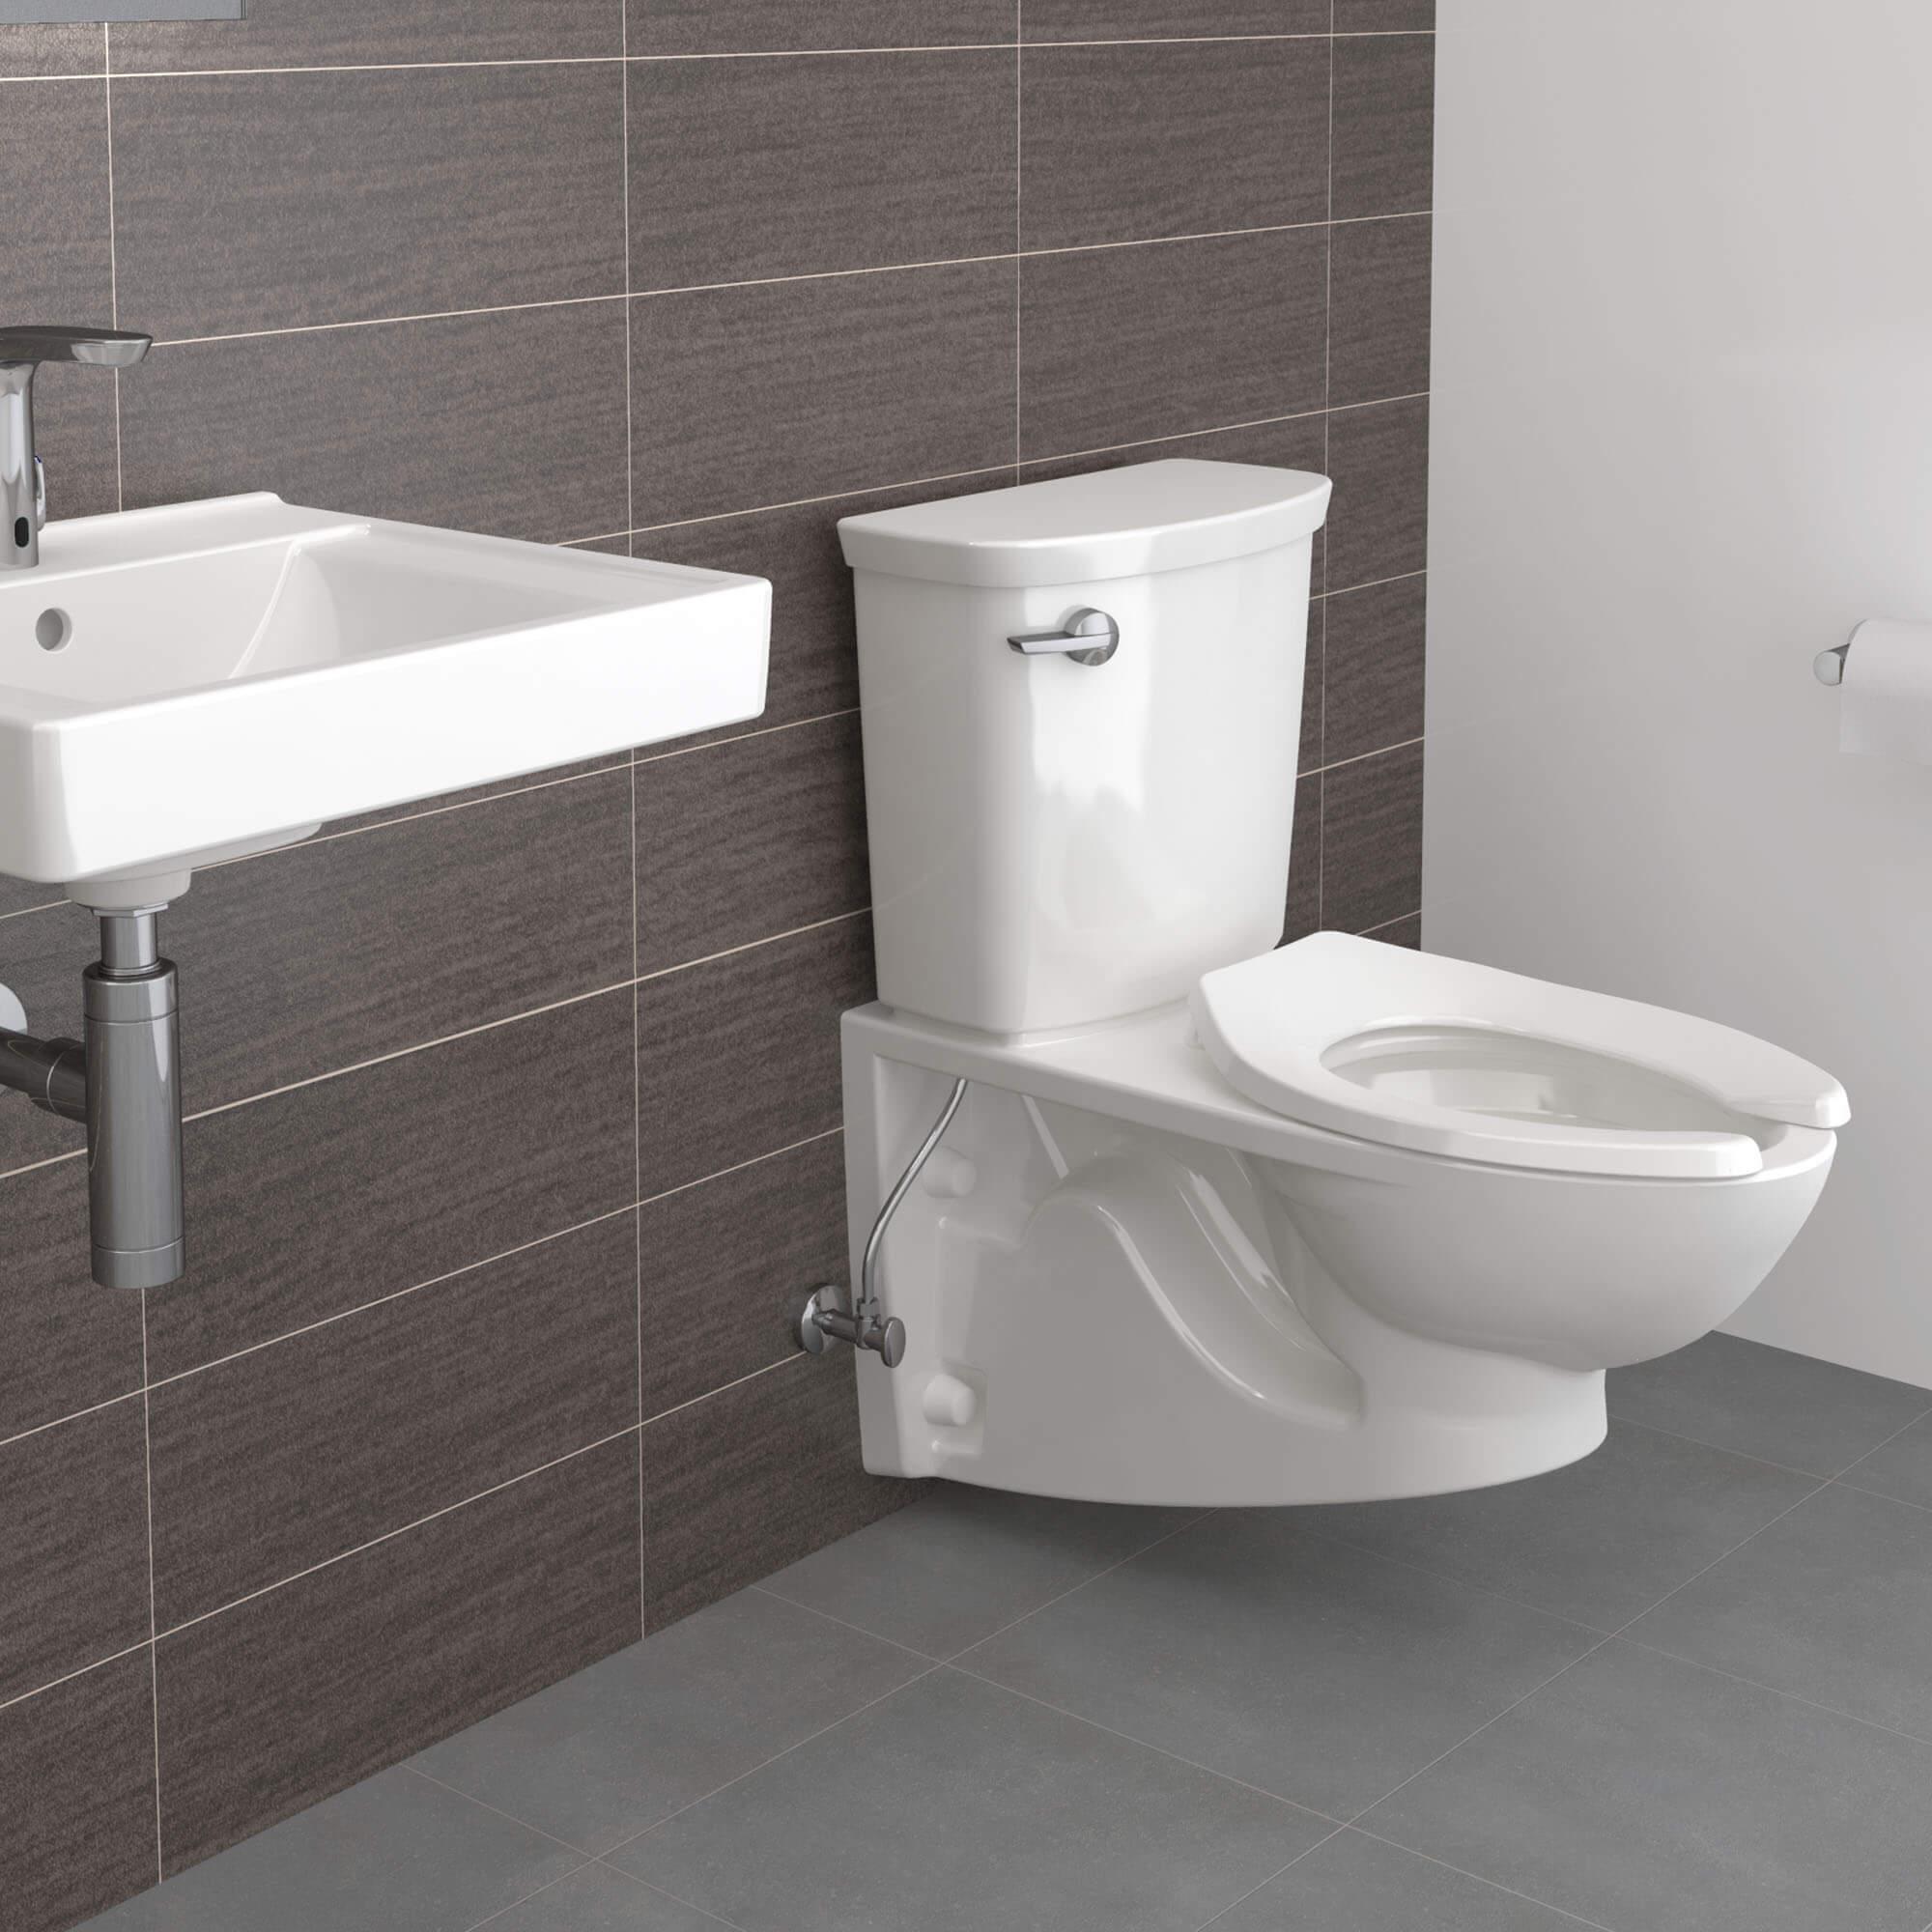 Glenwall Wall Hung Toilet